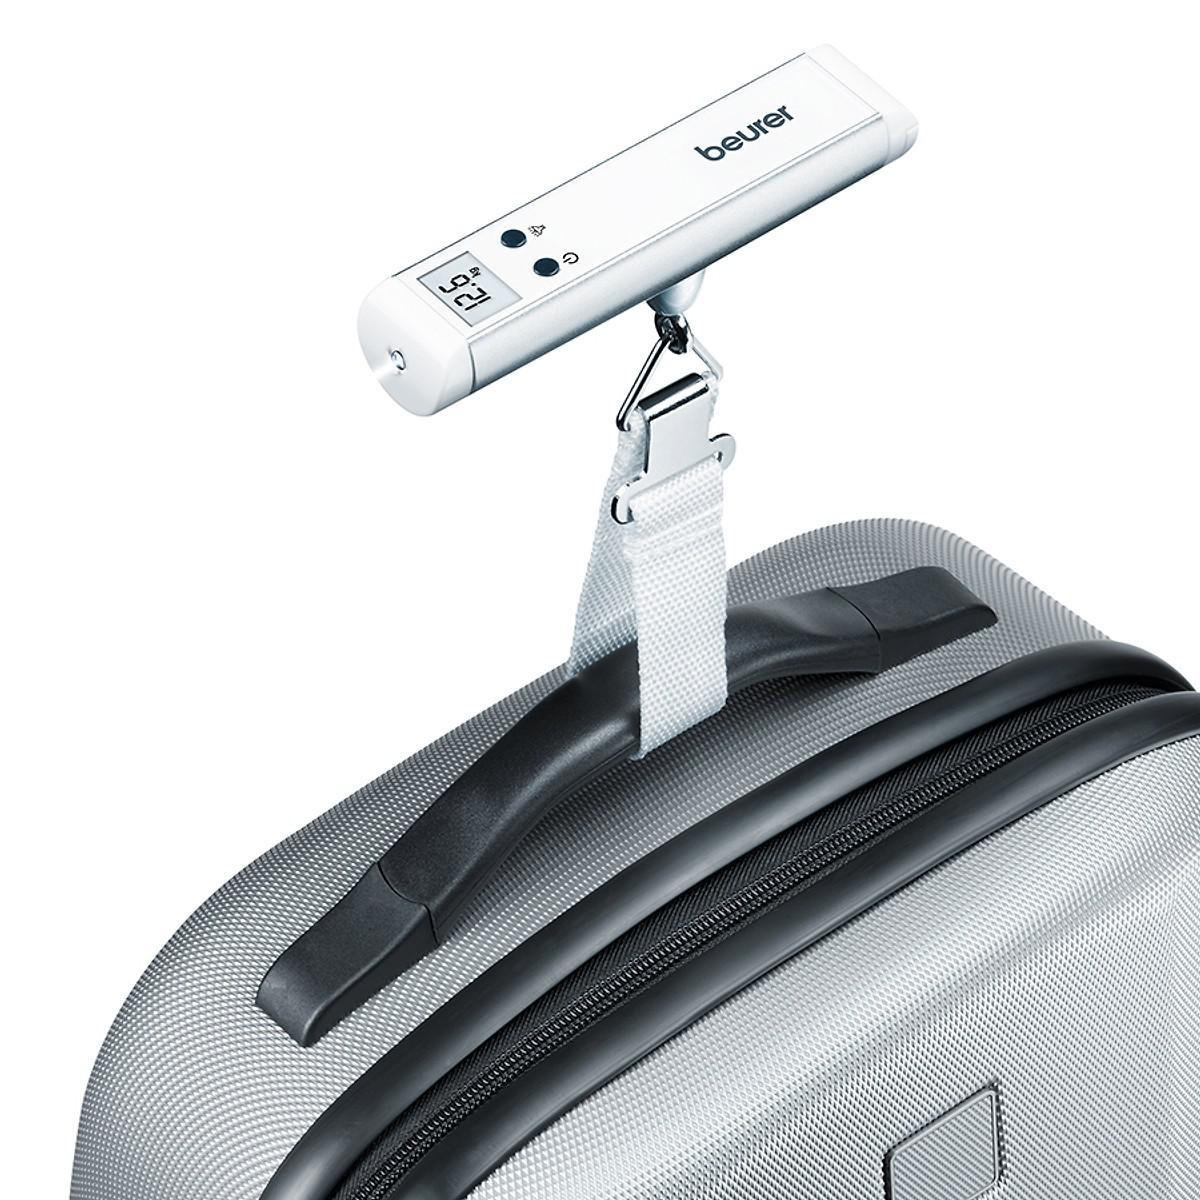 Cân hành lý có đèn Led Beurer LS10 nhập khẩu Đức